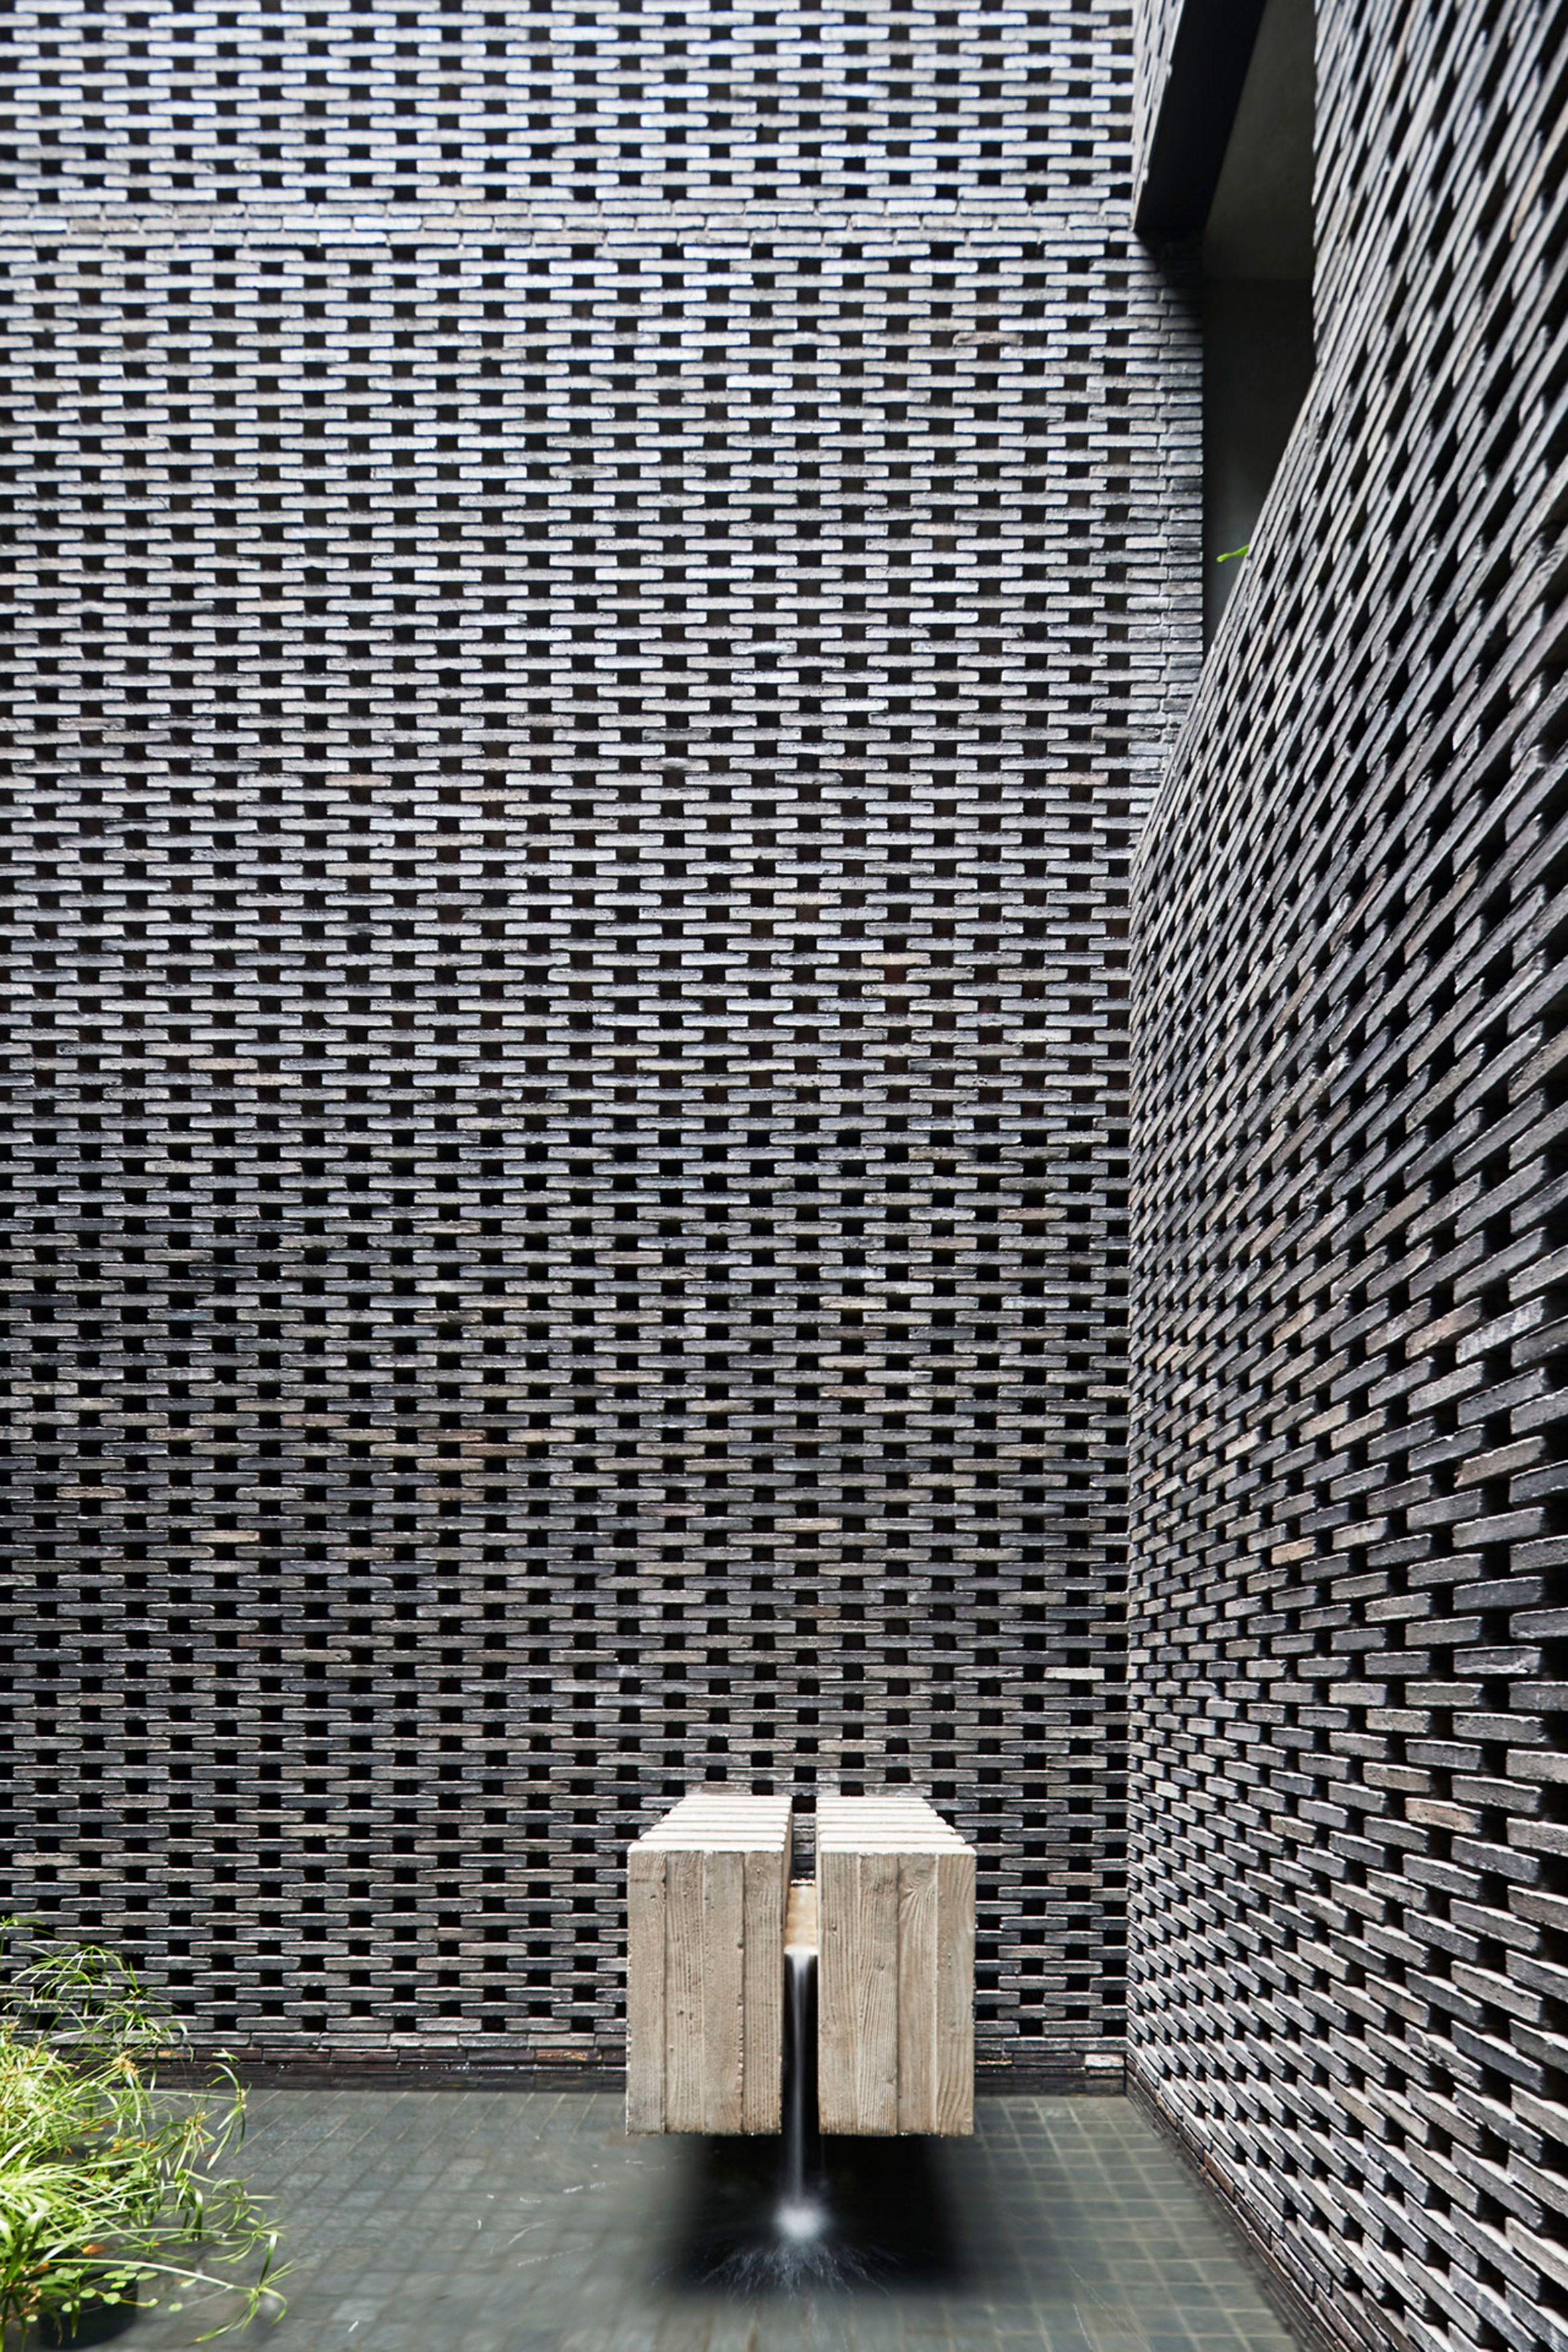 Woods bagot designs brick and concrete apartment complex for Architecture firms melbourne